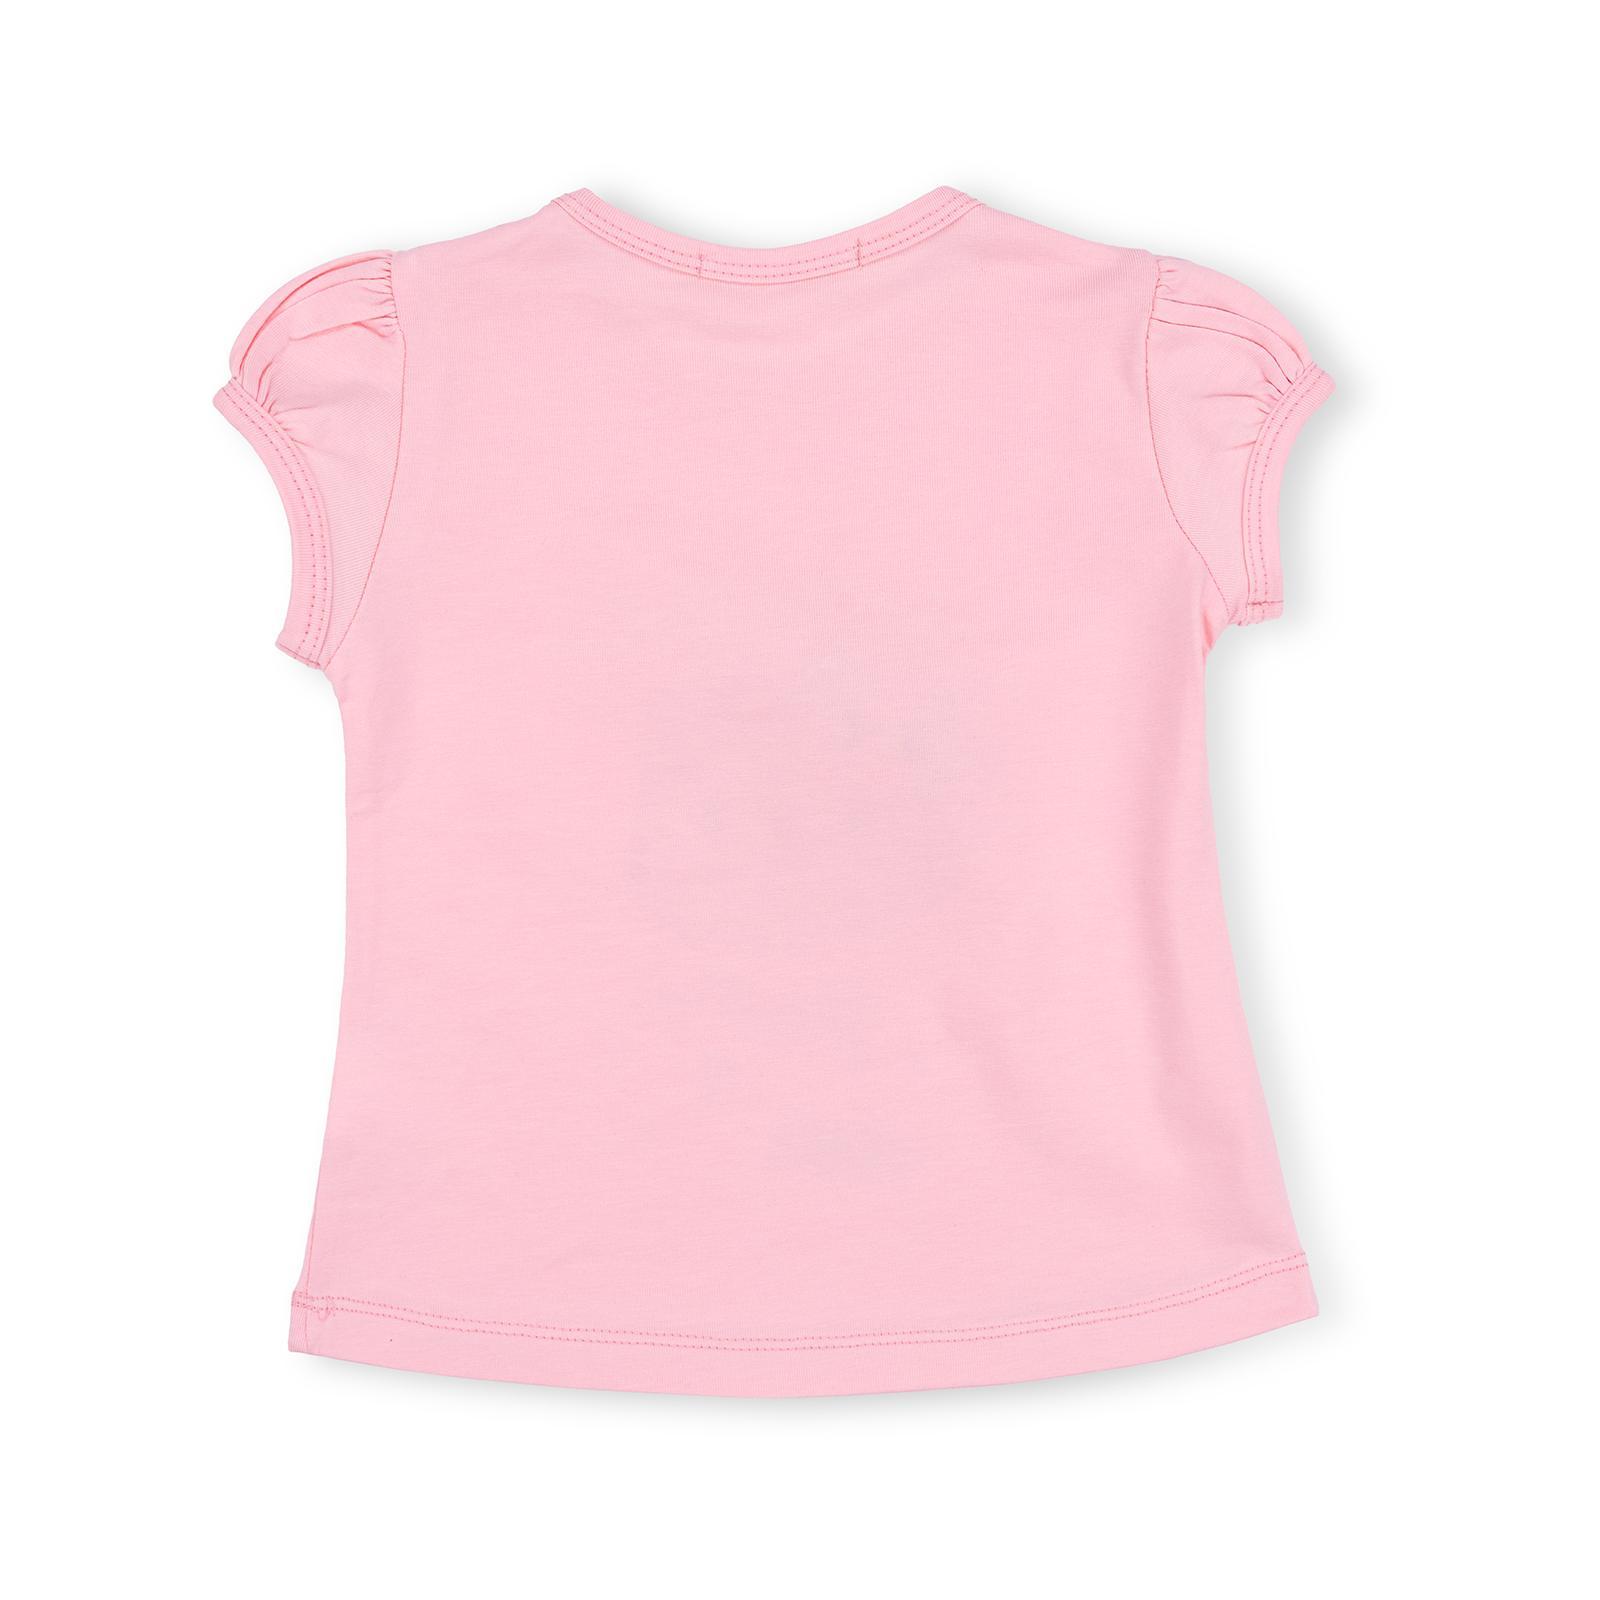 Набор детской одежды Breeze с котиками (7493-80G-pink) изображение 5